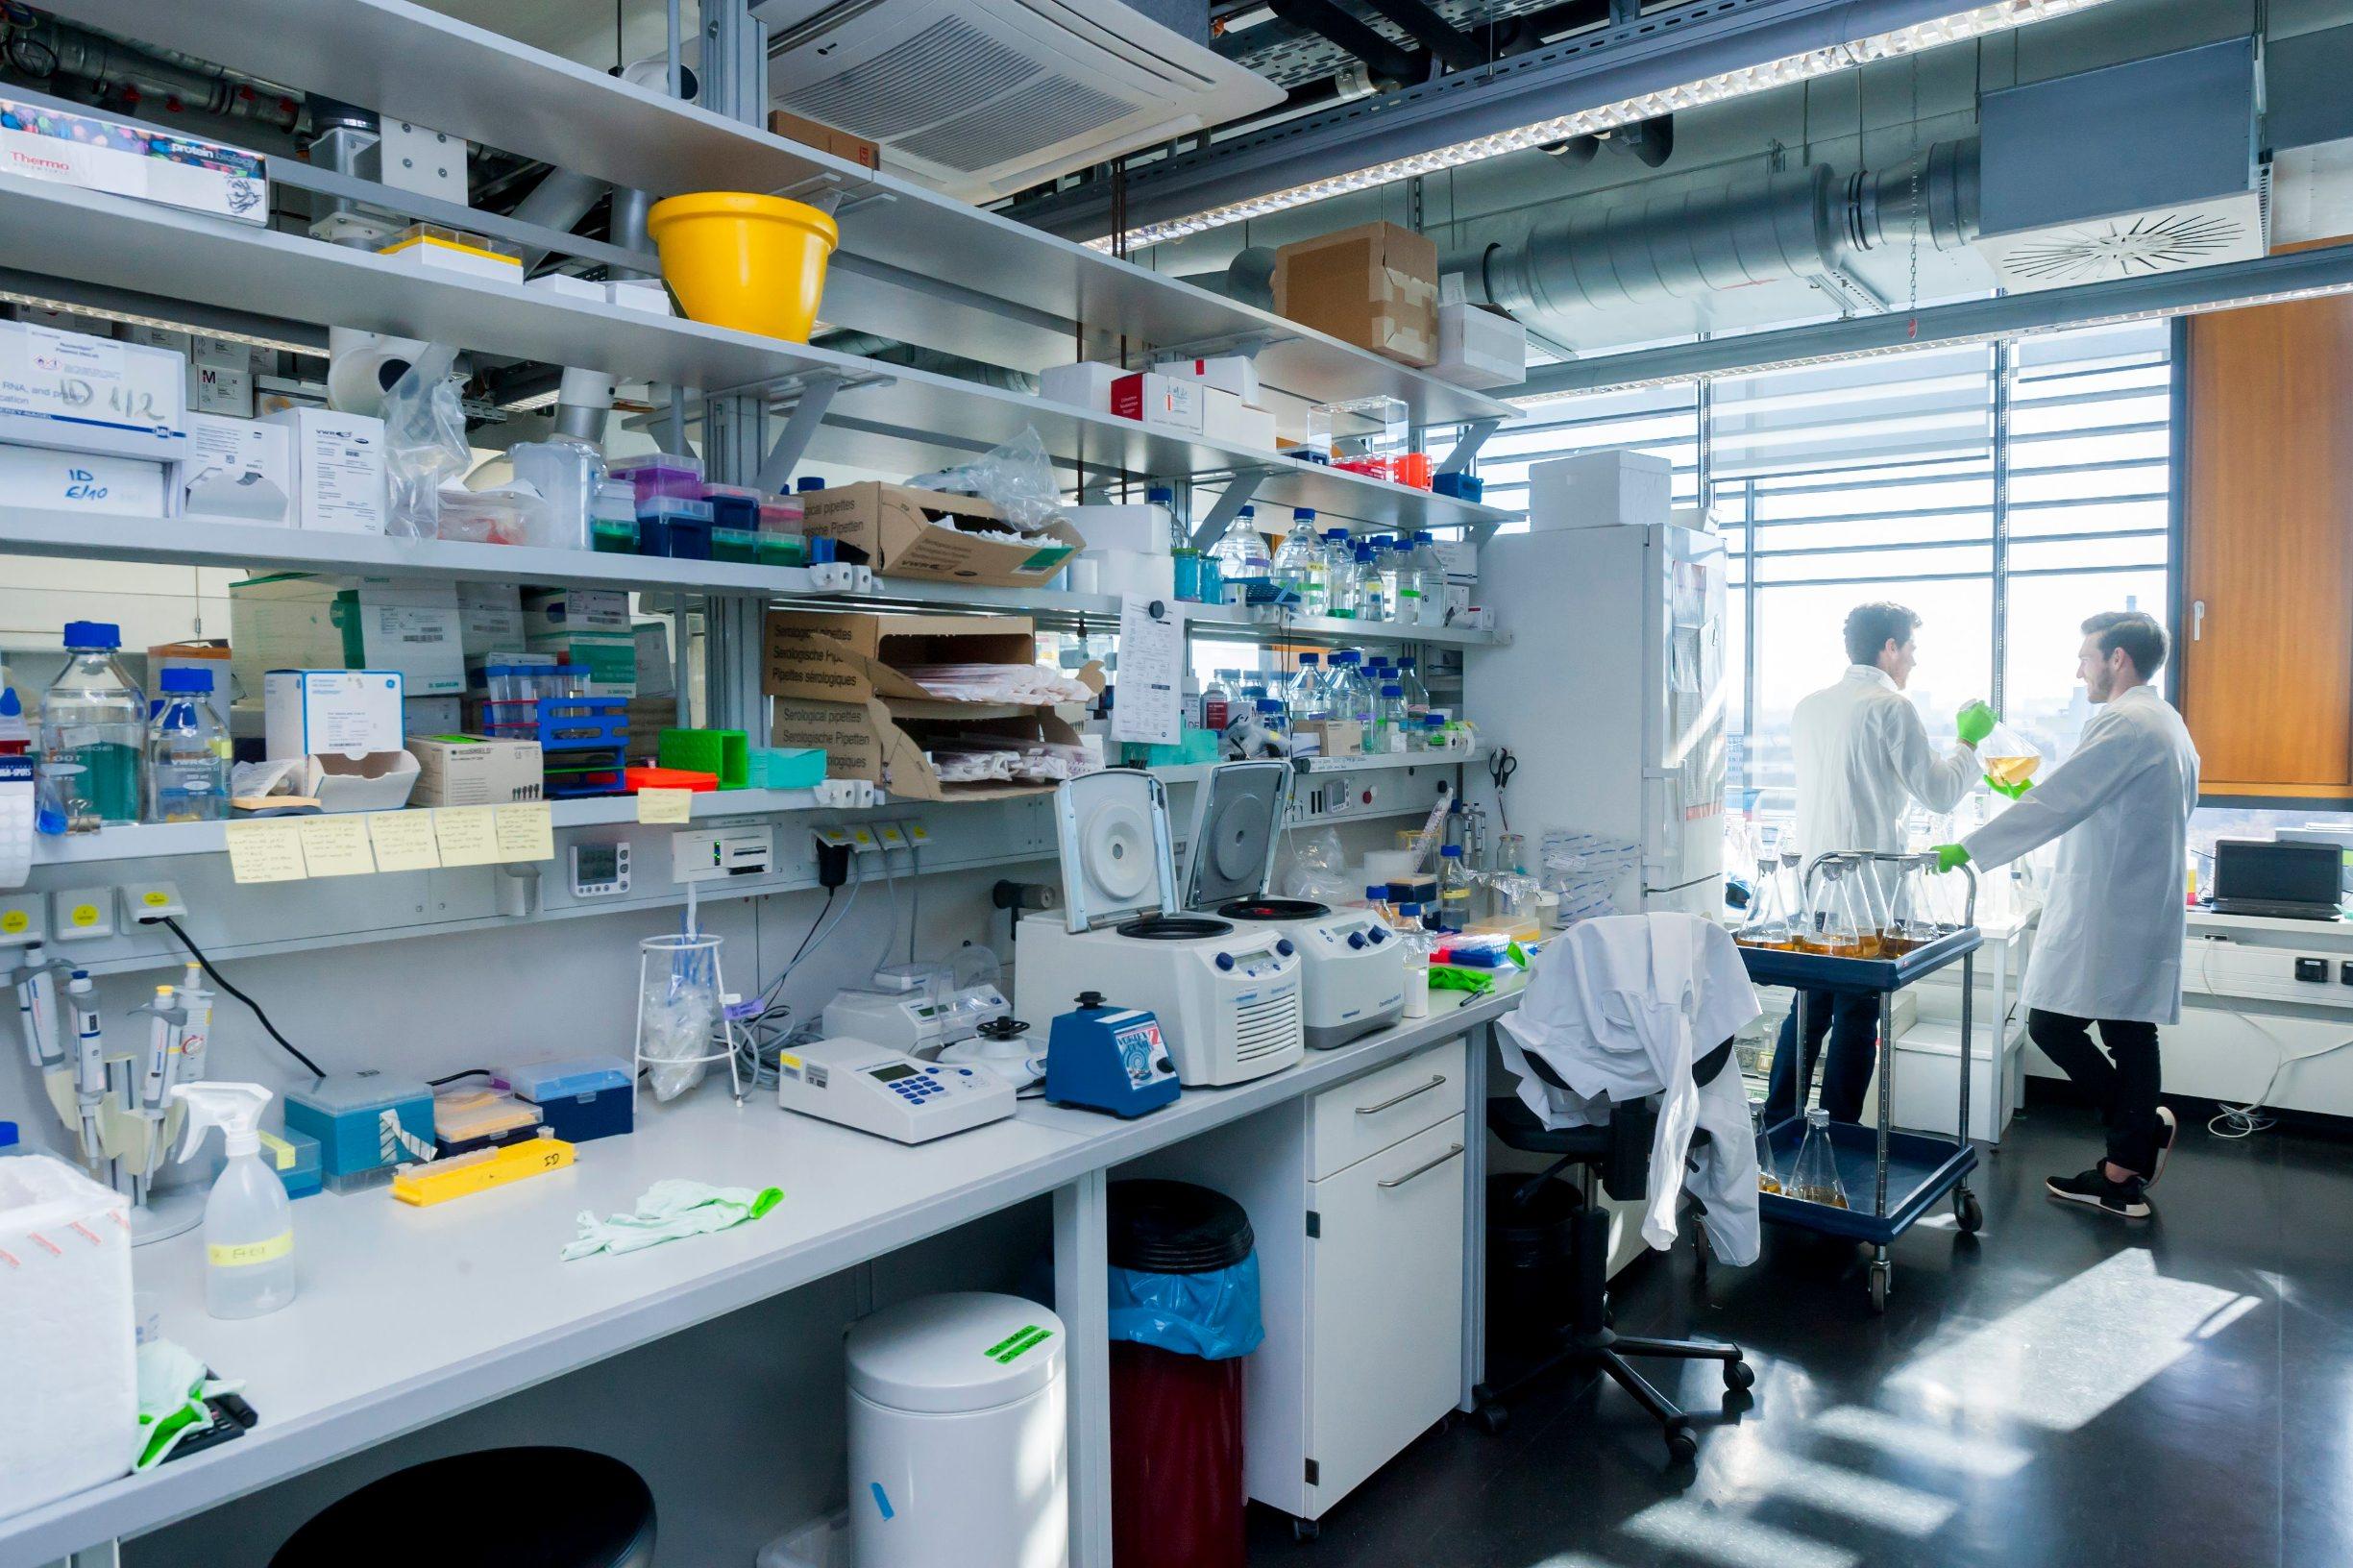 Frankfurt, 130219. BMLS - Buchmann Institute for Molecular Life Science. Na fotografiji: laboratorij. Foto: Tomislav Kristo / CROPIX